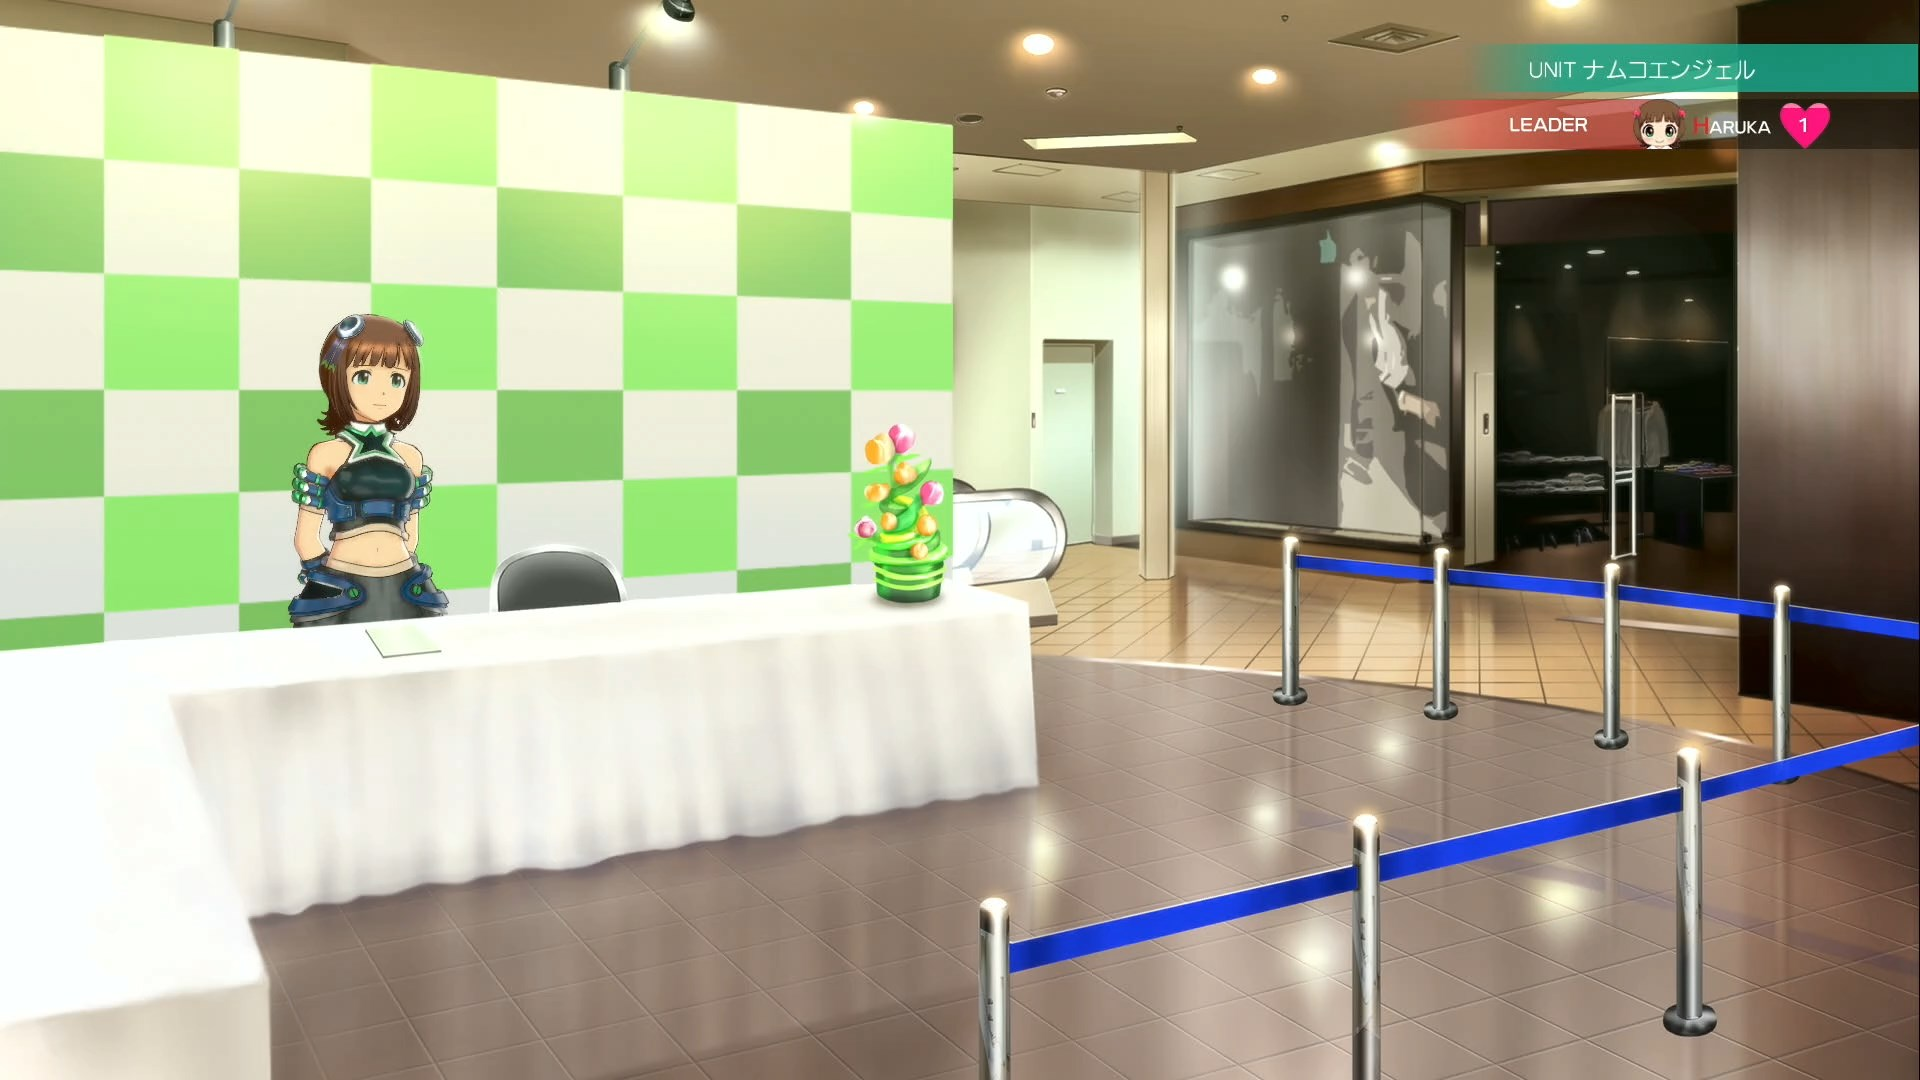 3oWcinVyiLwZU - 【画像】 これが 「PS4 アイドルマスター 最新作」 らしいぞ このシリーズはどこの誰が何のために買ってるんだ?